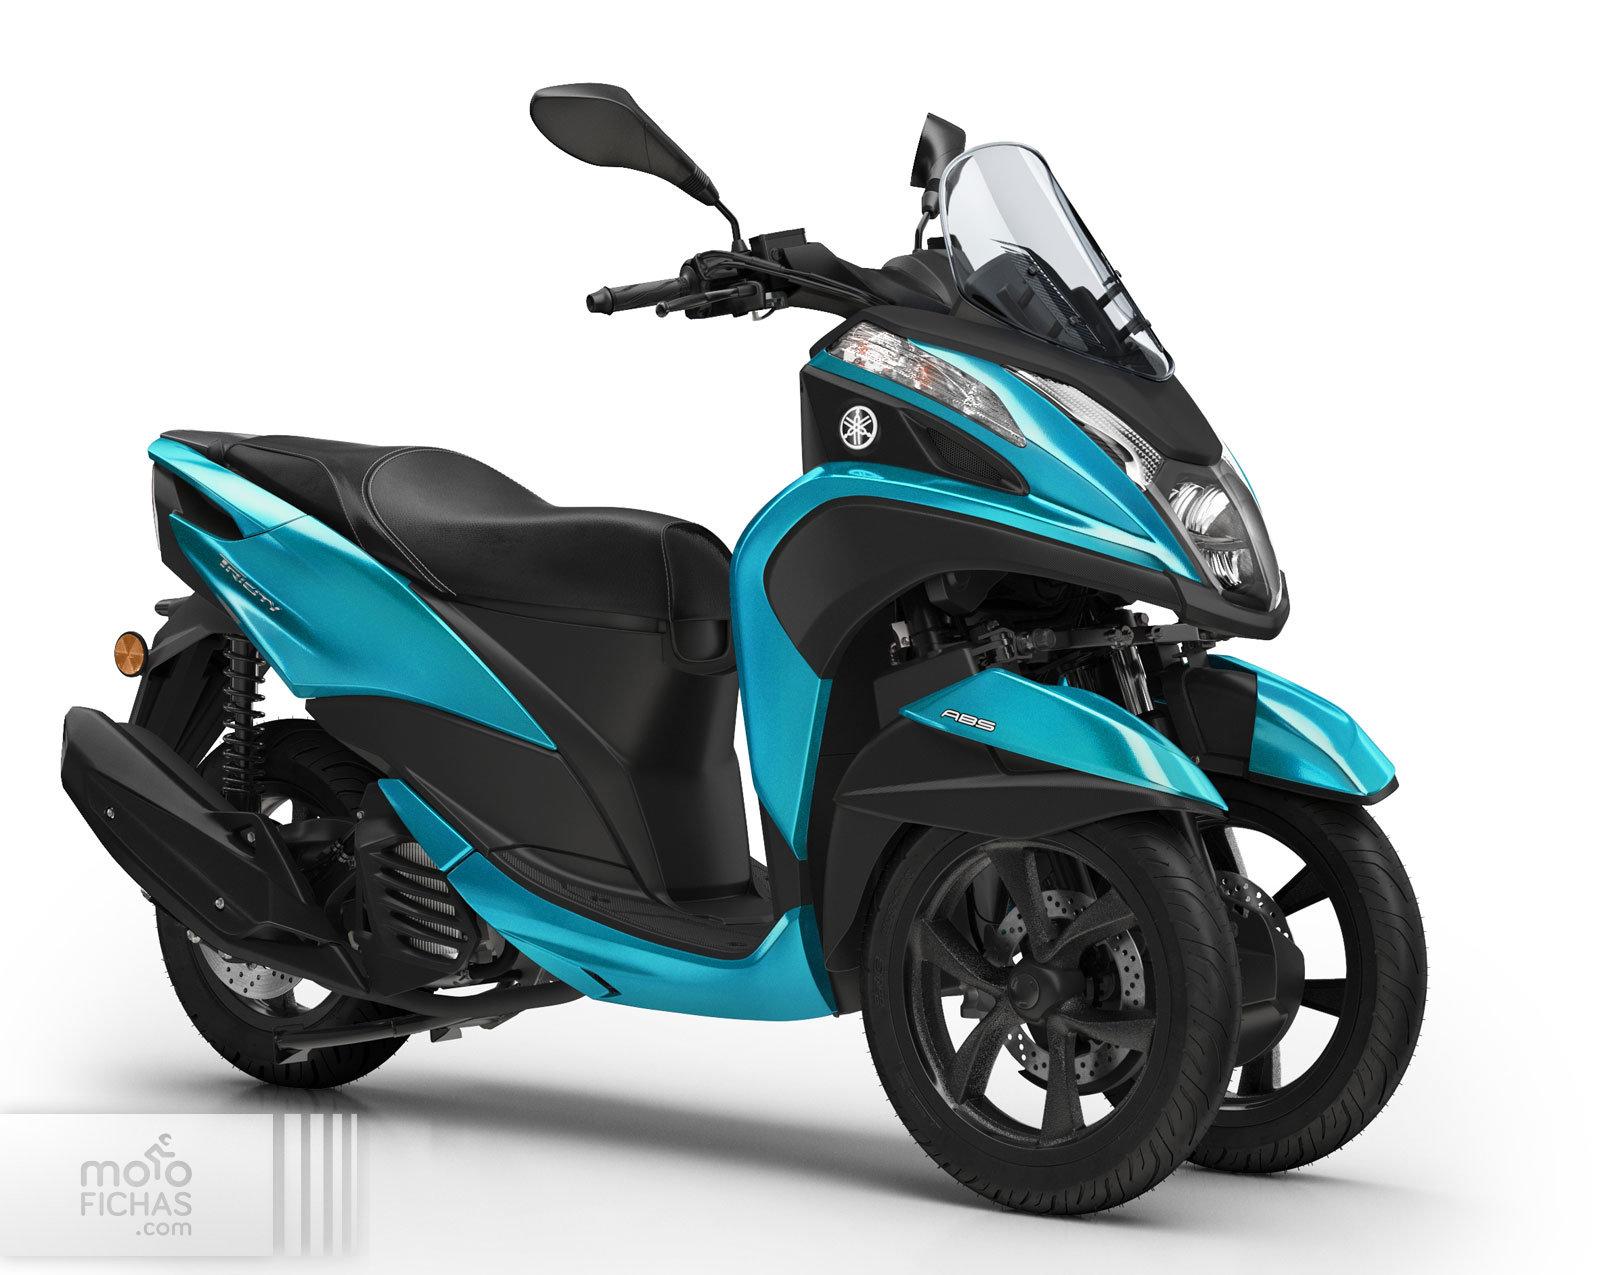 Motos Yamaha Costa Rica